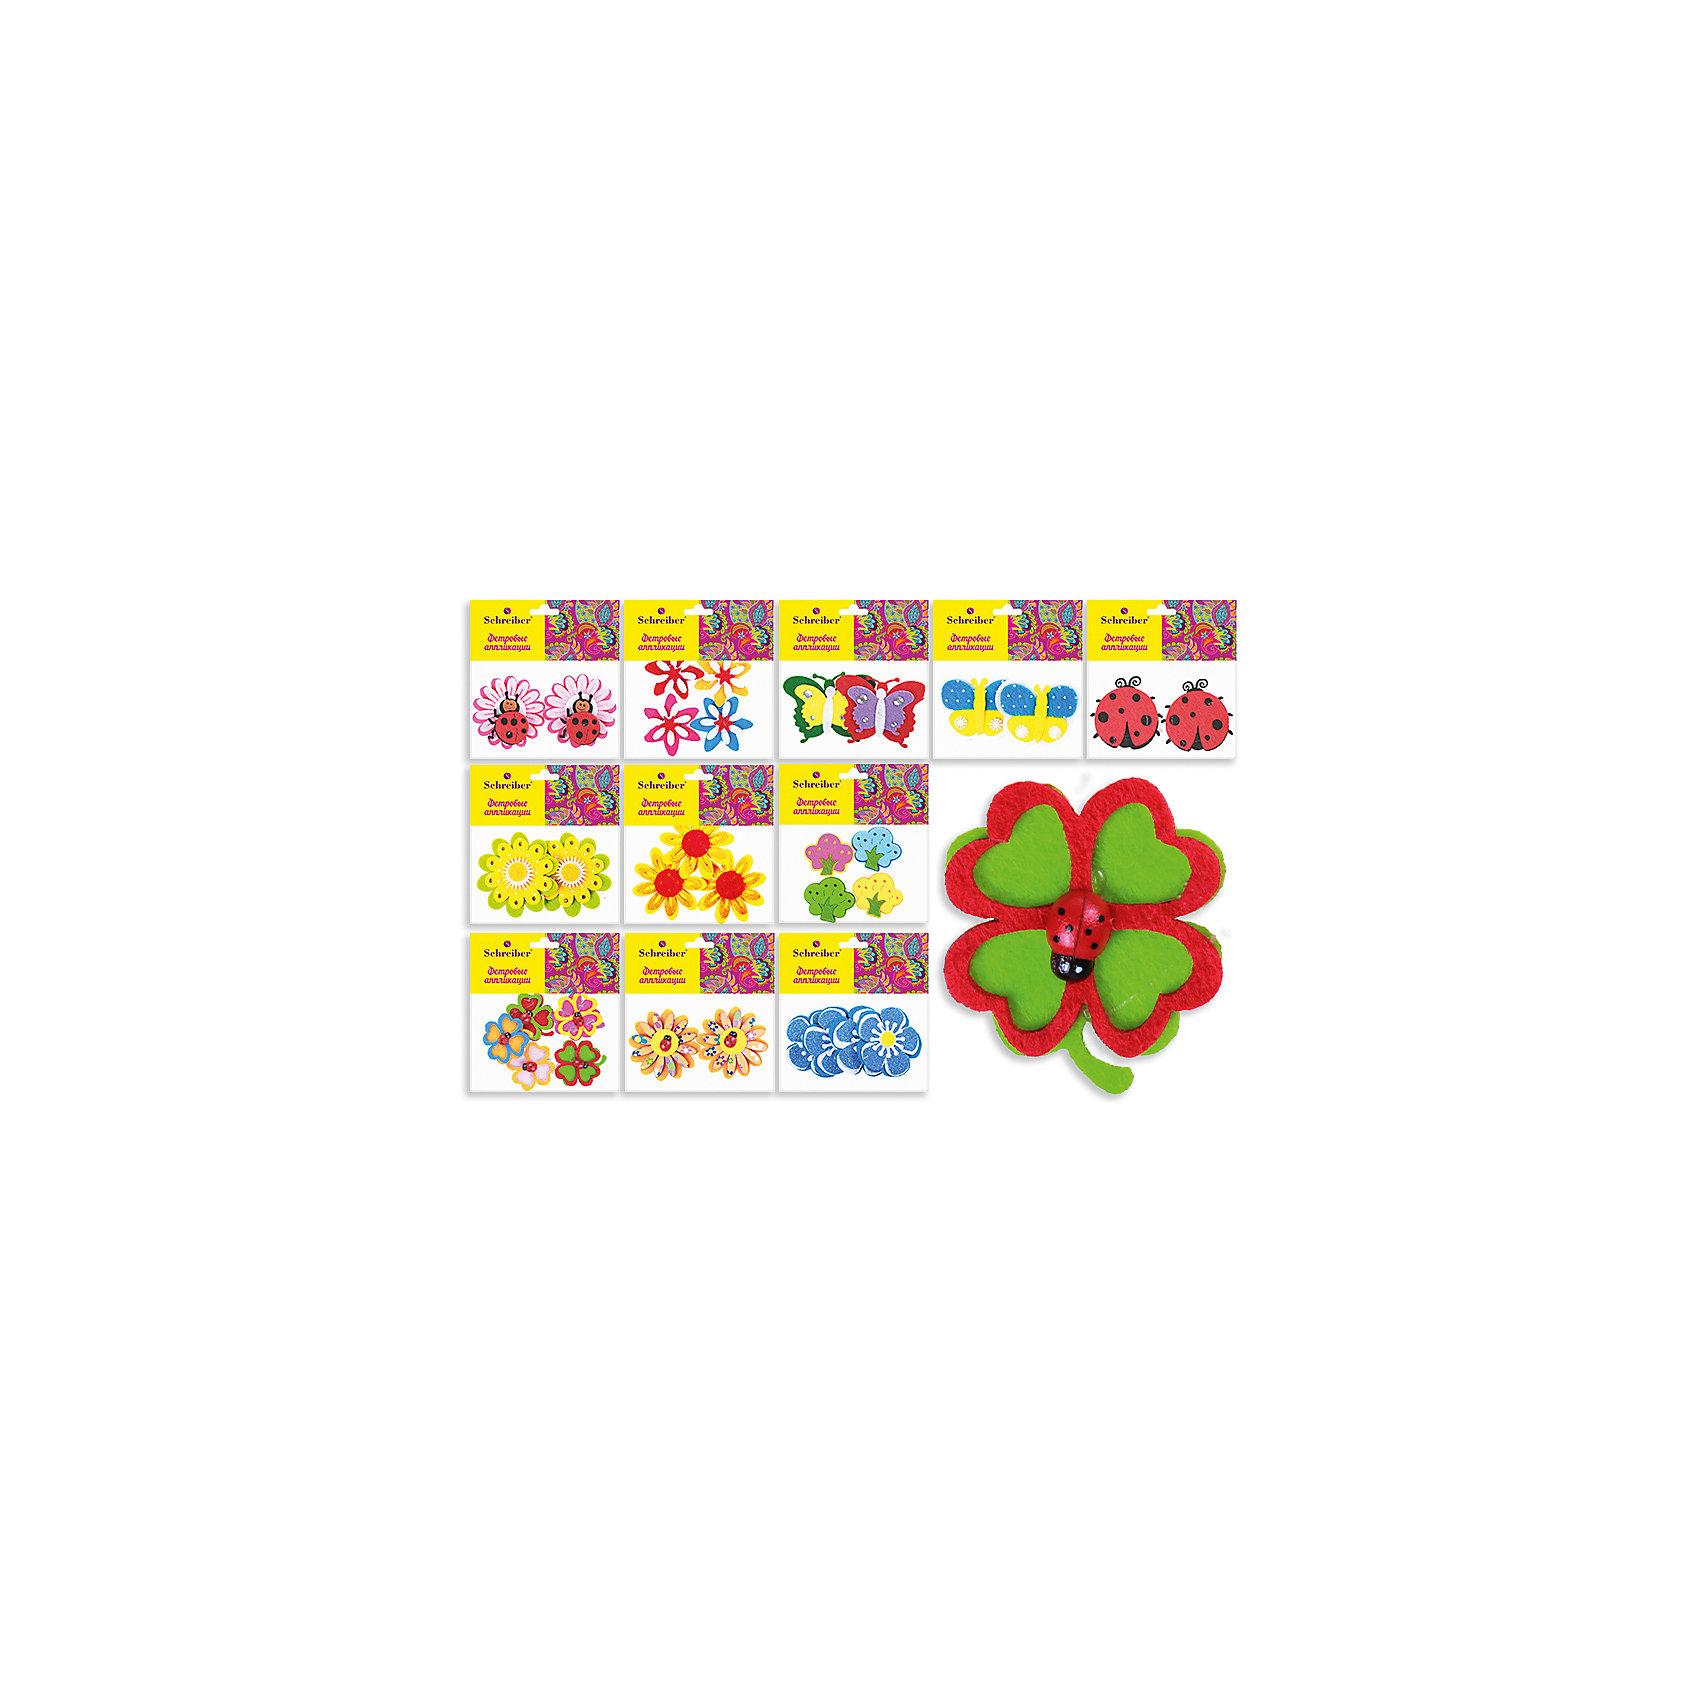 Фетровые аппликации 12*10 см (12 дизайнов в ассортименте)Фетровые аппликации 12*10 см (12 дизайнов в ассортименте) от известного торгового бренда канцелярских товаров и товаров для творчества TUKZAR. Набор включает в себя разноцветные заготовки животных, растений и других предметов для занятий аппликацией с детьми дошкольного и младшего школьного возраста. Комплектация позволяет создавать сюжетные картинки. Кроме того, данные заготовки можно использовать в качестве меток для детской одежды.<br>Фетровые аппликации 12*10 см (12 дизайнов в ассортименте) способствуют развитию у ребенка внимания, усидчивости, воображения и фантазии.<br><br>Дополнительная информация:<br><br>- Предназначение: для аппликаций<br>- Материал: фетр<br>- Комплектация: 12 дизайнов (цветочки, деревья, бабочки, божьи коровки)<br>- Размеры упаковки (Д*В): 10*12 см<br>- Упаковка: полиэтилен<br><br>Подробнее:<br><br>• Для детей в возрасте: от 3 лет <br>• Страна производитель: Китай<br>• Торговый бренд: TUKZAR<br><br>Фетровые аппликации 12*10 см (12 дизайнов в ассортименте) можно купить в нашем интернет-магазине.<br><br>Ширина мм: 120<br>Глубина мм: 100<br>Высота мм: 10<br>Вес г: 50<br>Возраст от месяцев: 36<br>Возраст до месяцев: 72<br>Пол: Унисекс<br>Возраст: Детский<br>SKU: 5001409